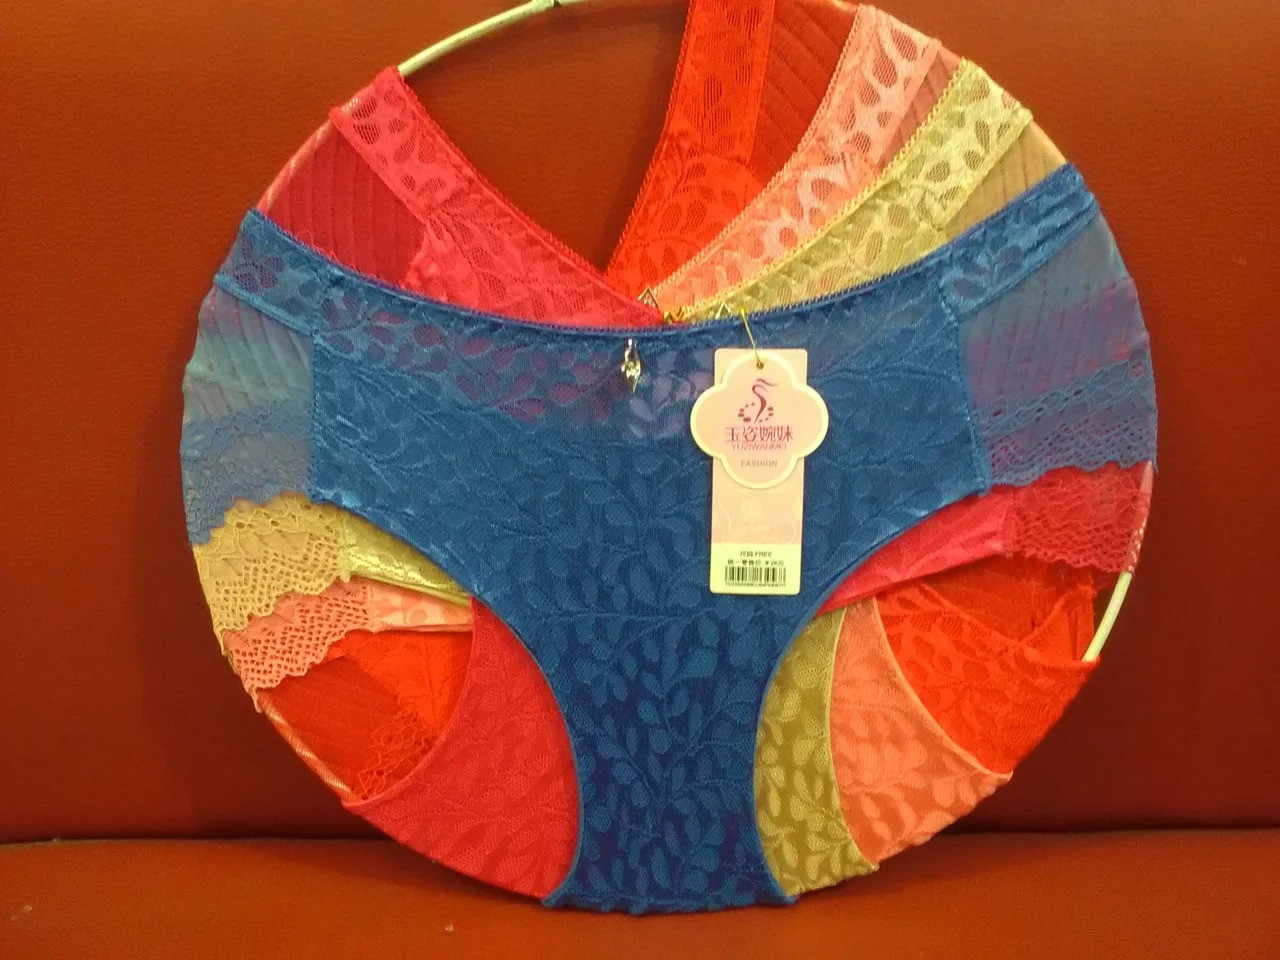 Женские трусики хлопок с гипюром Р.р 46-48 один цвет в упаковке